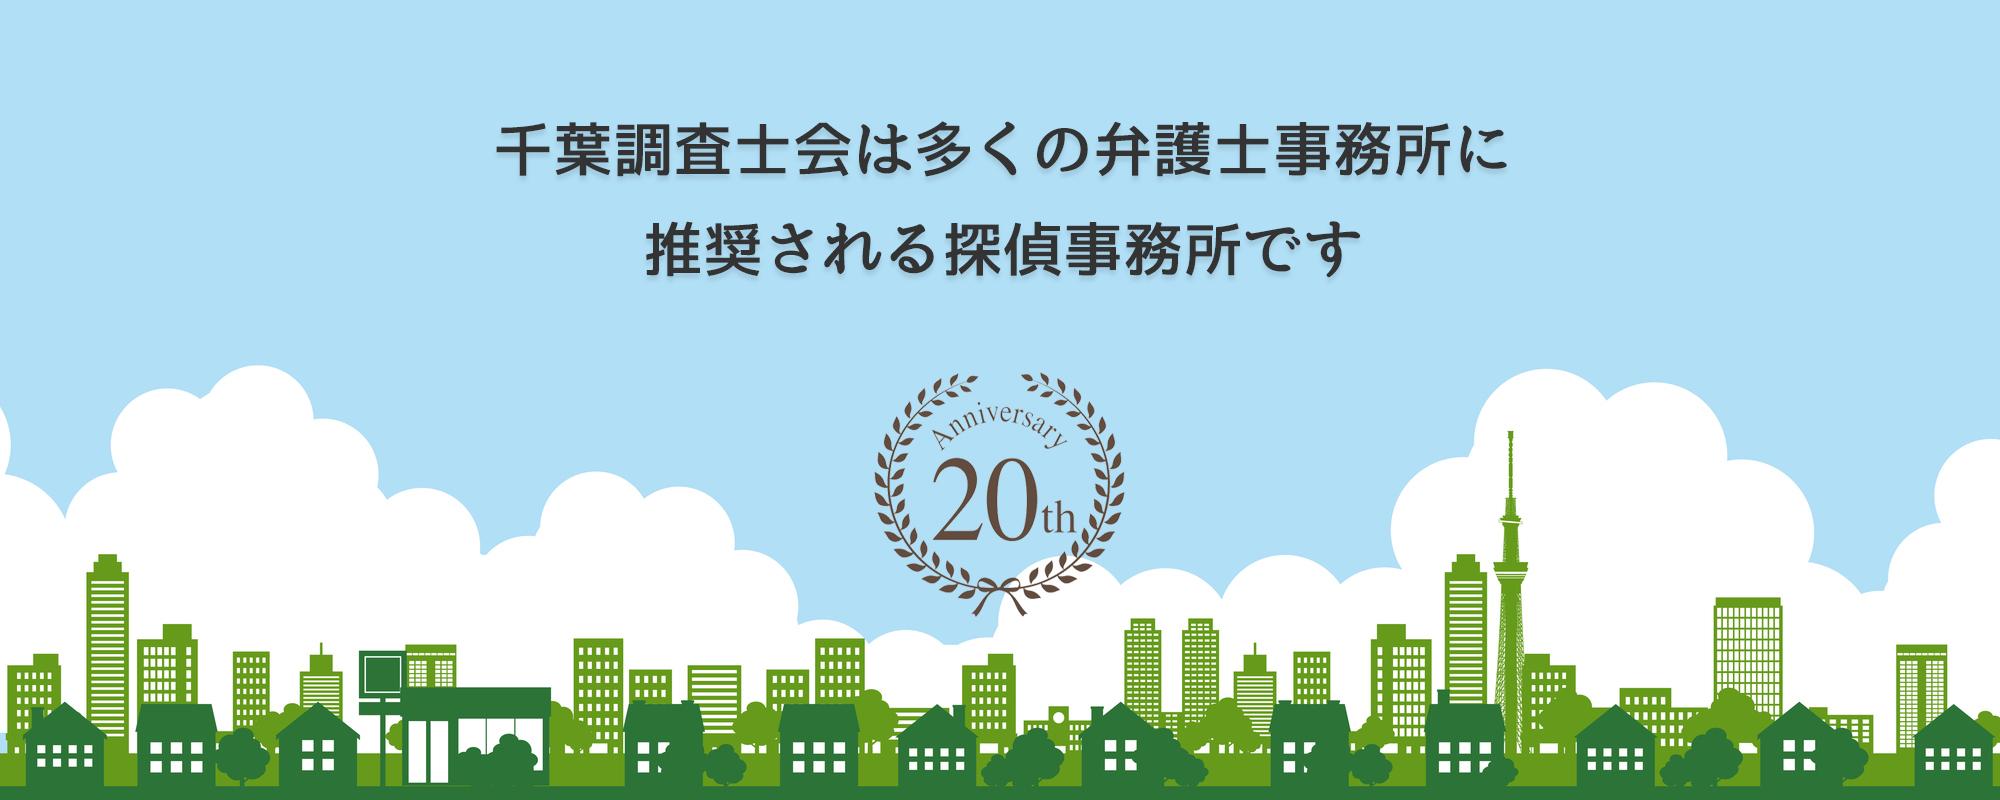 千葉相談室は多くの弁護士事務所に推奨されています。